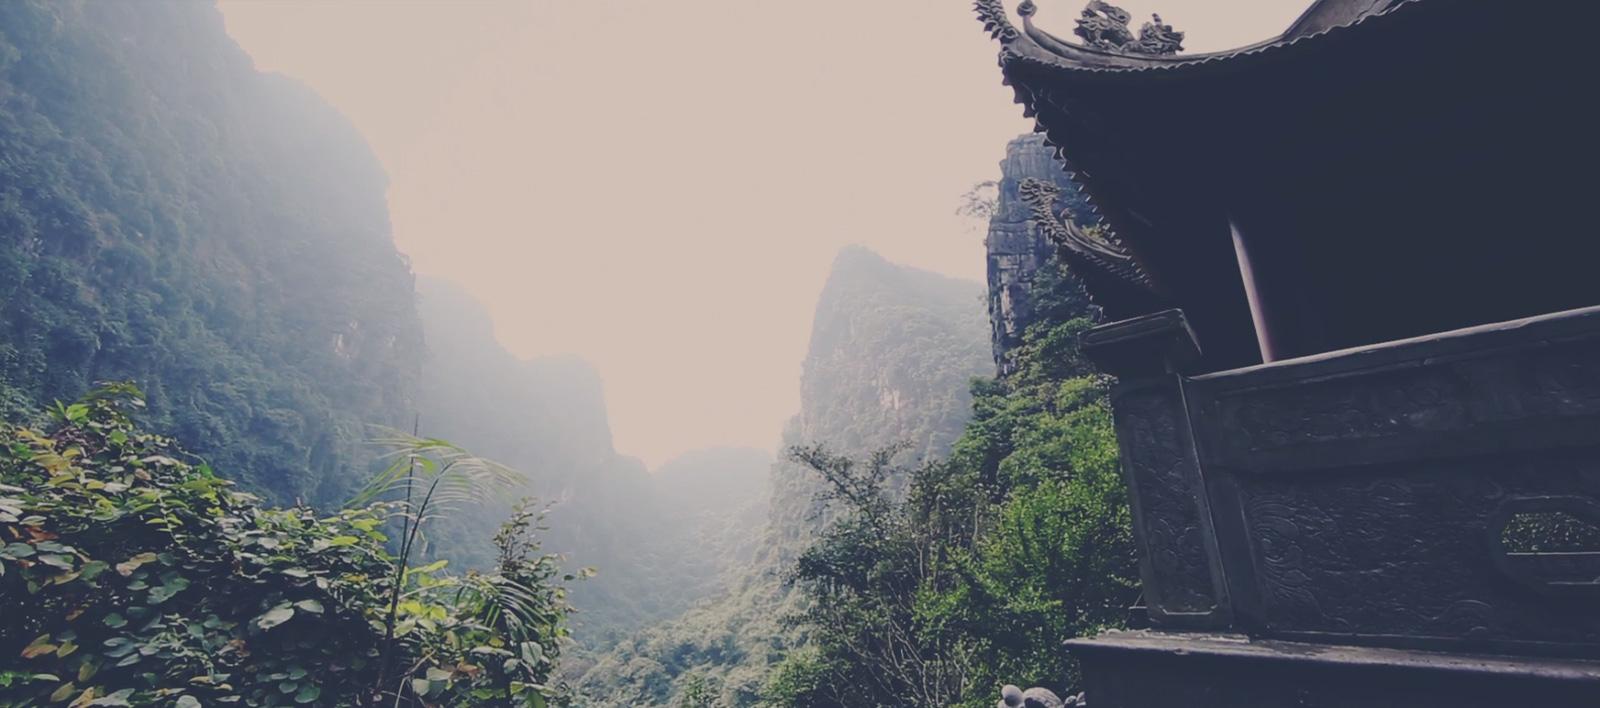 Somewhere_In_Vietnam-Menassier_gabriel-5